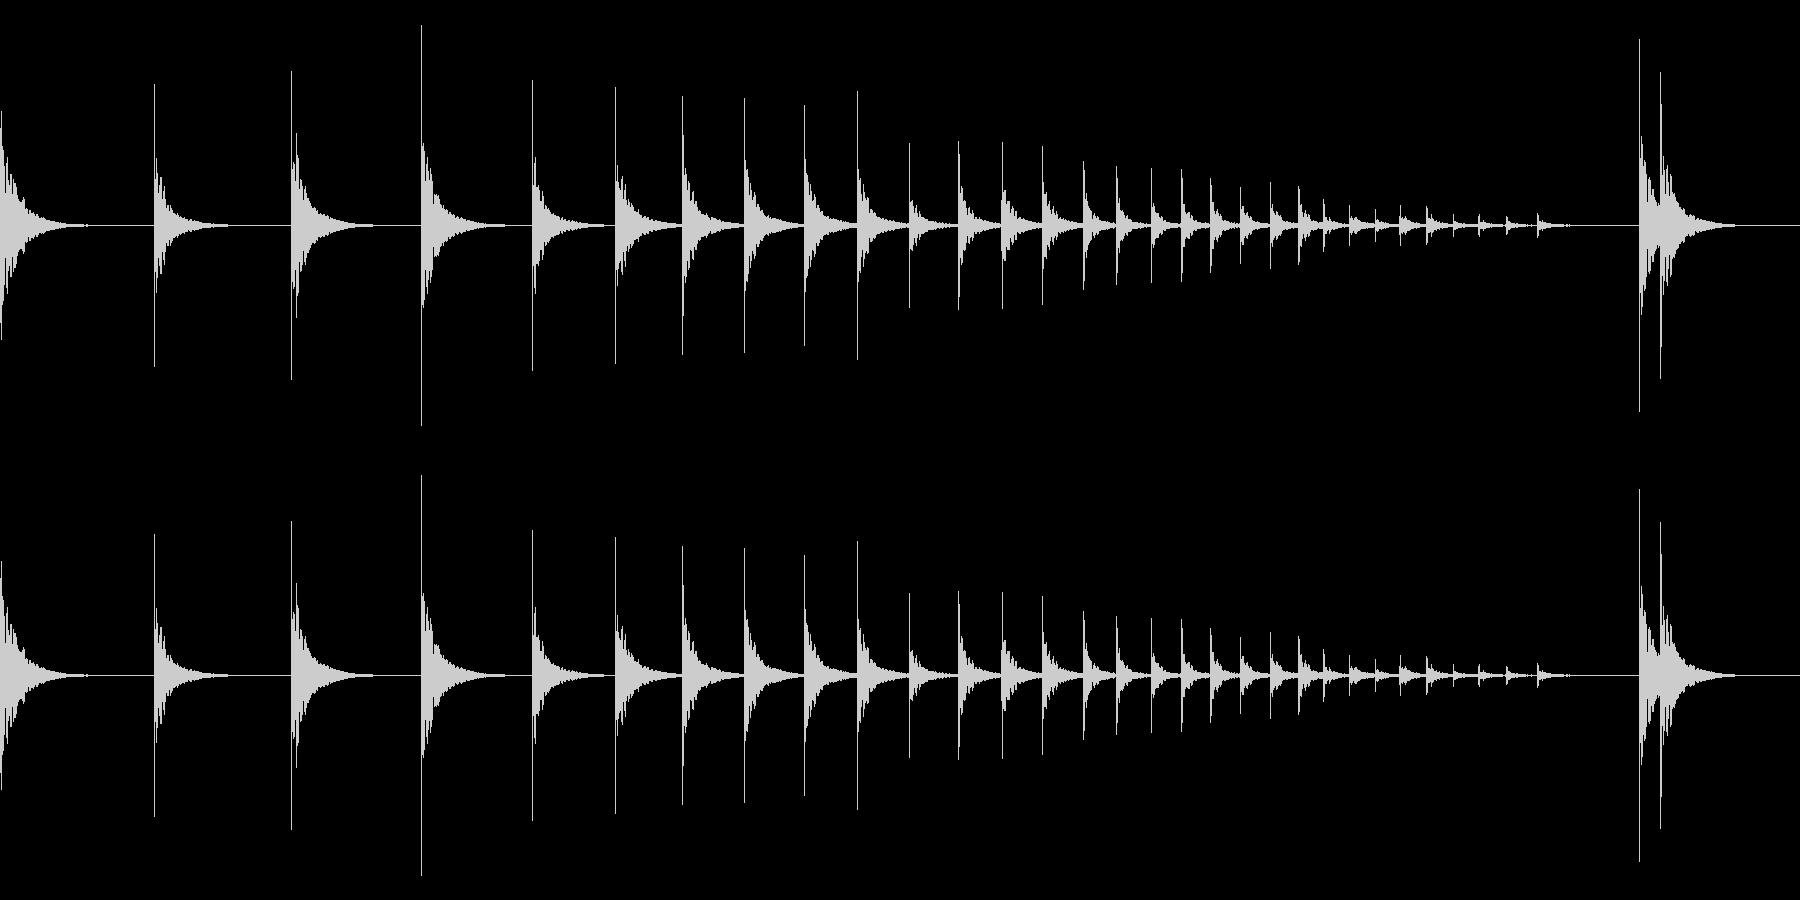 和太鼓ロール 桶胴太鼓1の未再生の波形